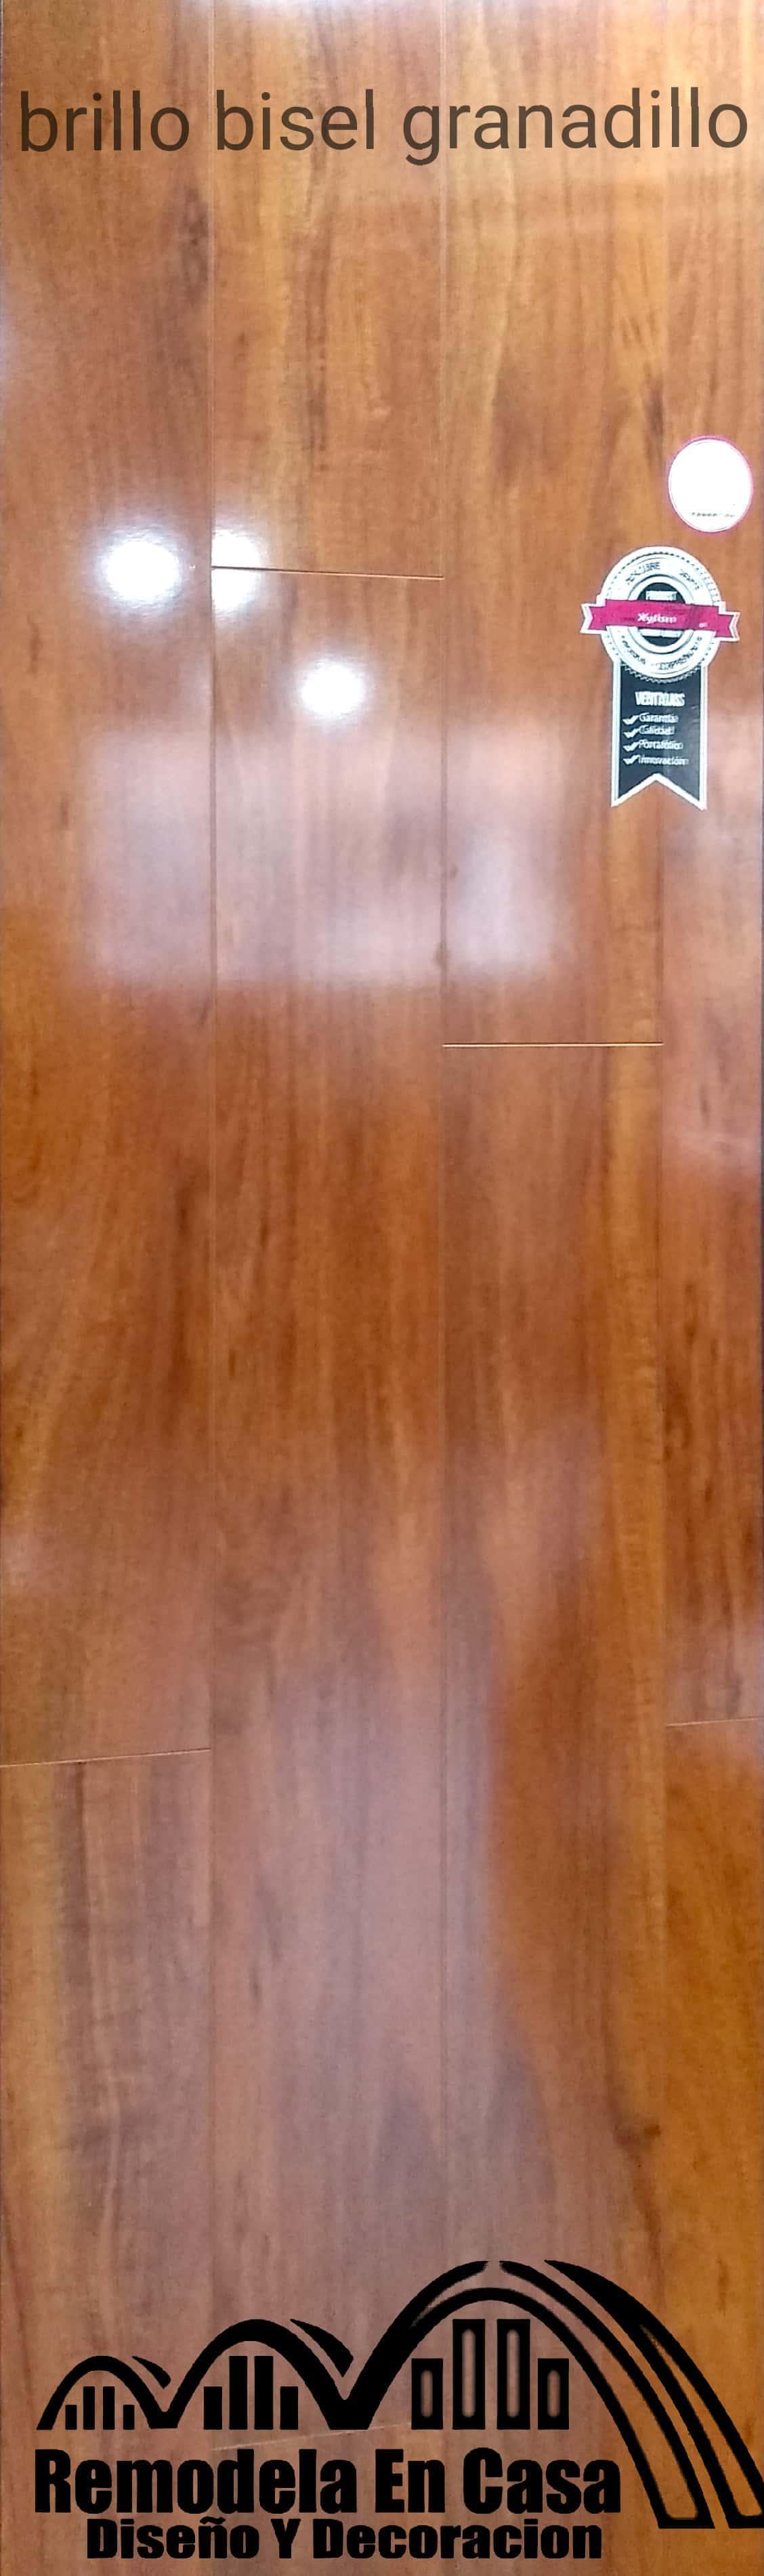 piso_laminado_brilló_bisel_xilon_3